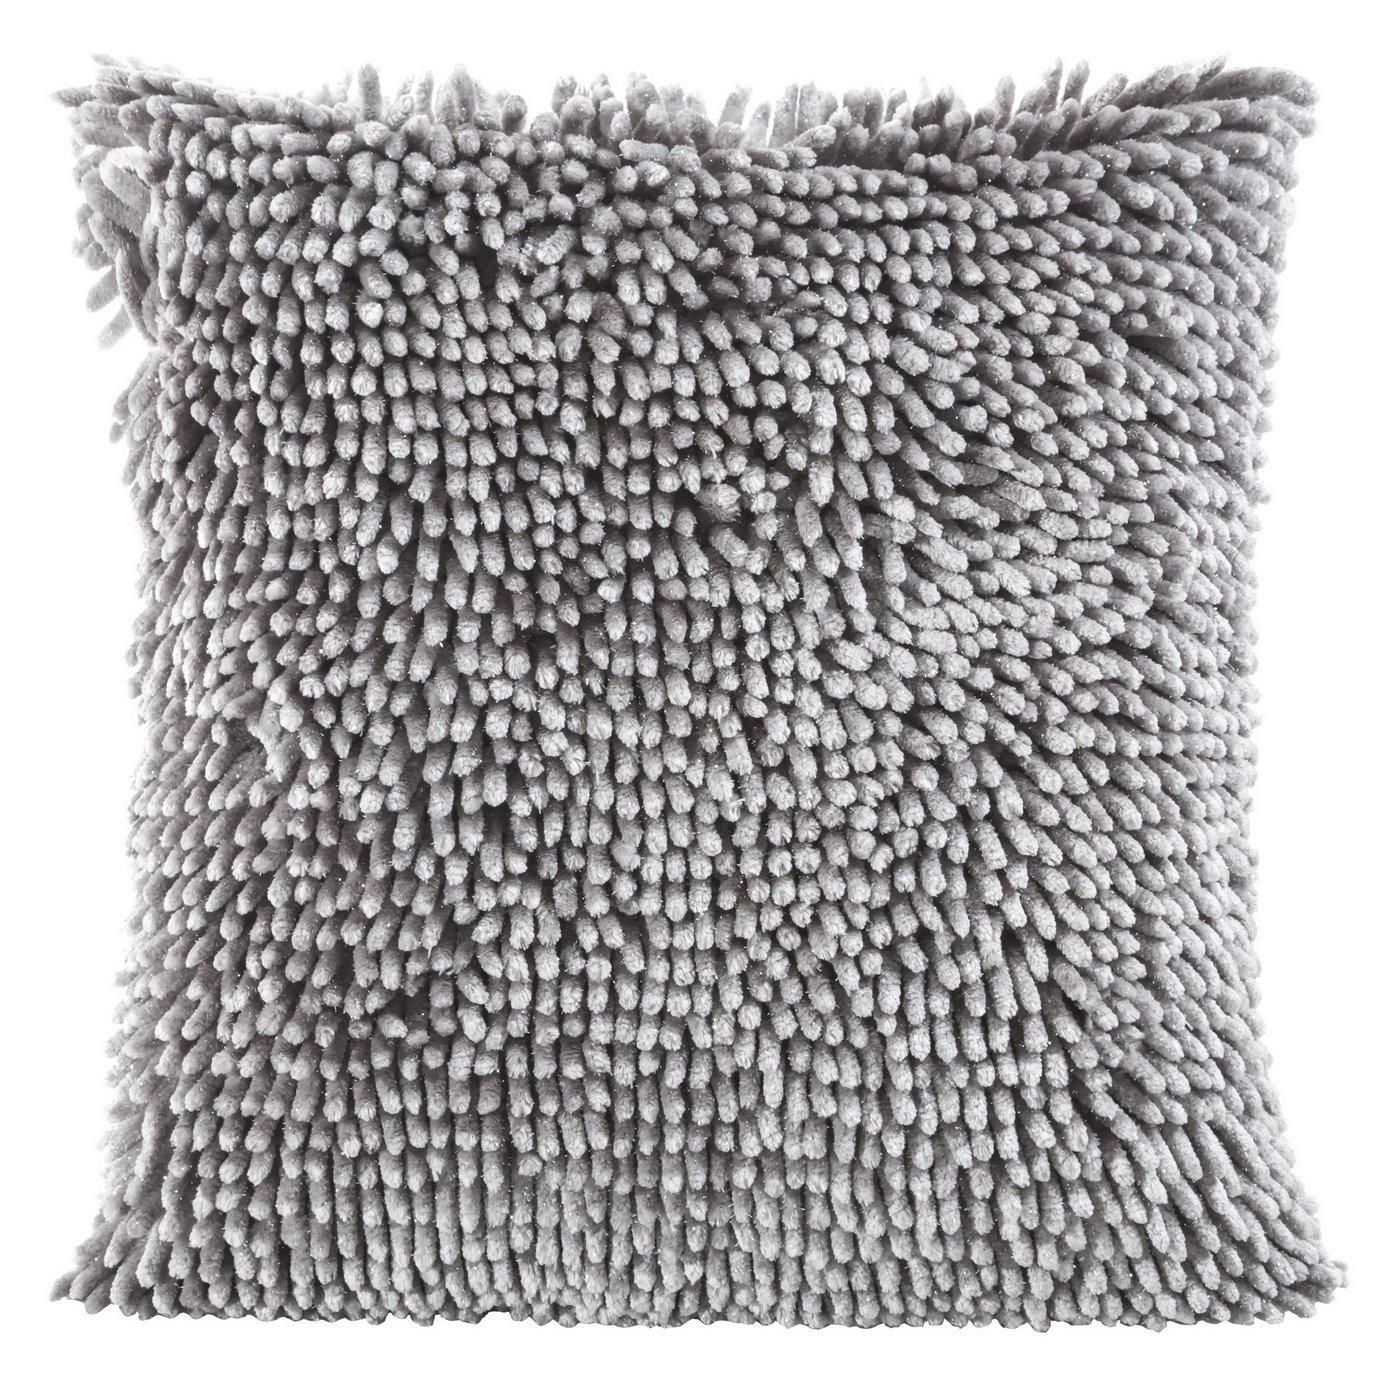 Poszewka na poduszkę włosie shaggy srebrna 40 x 40 cm